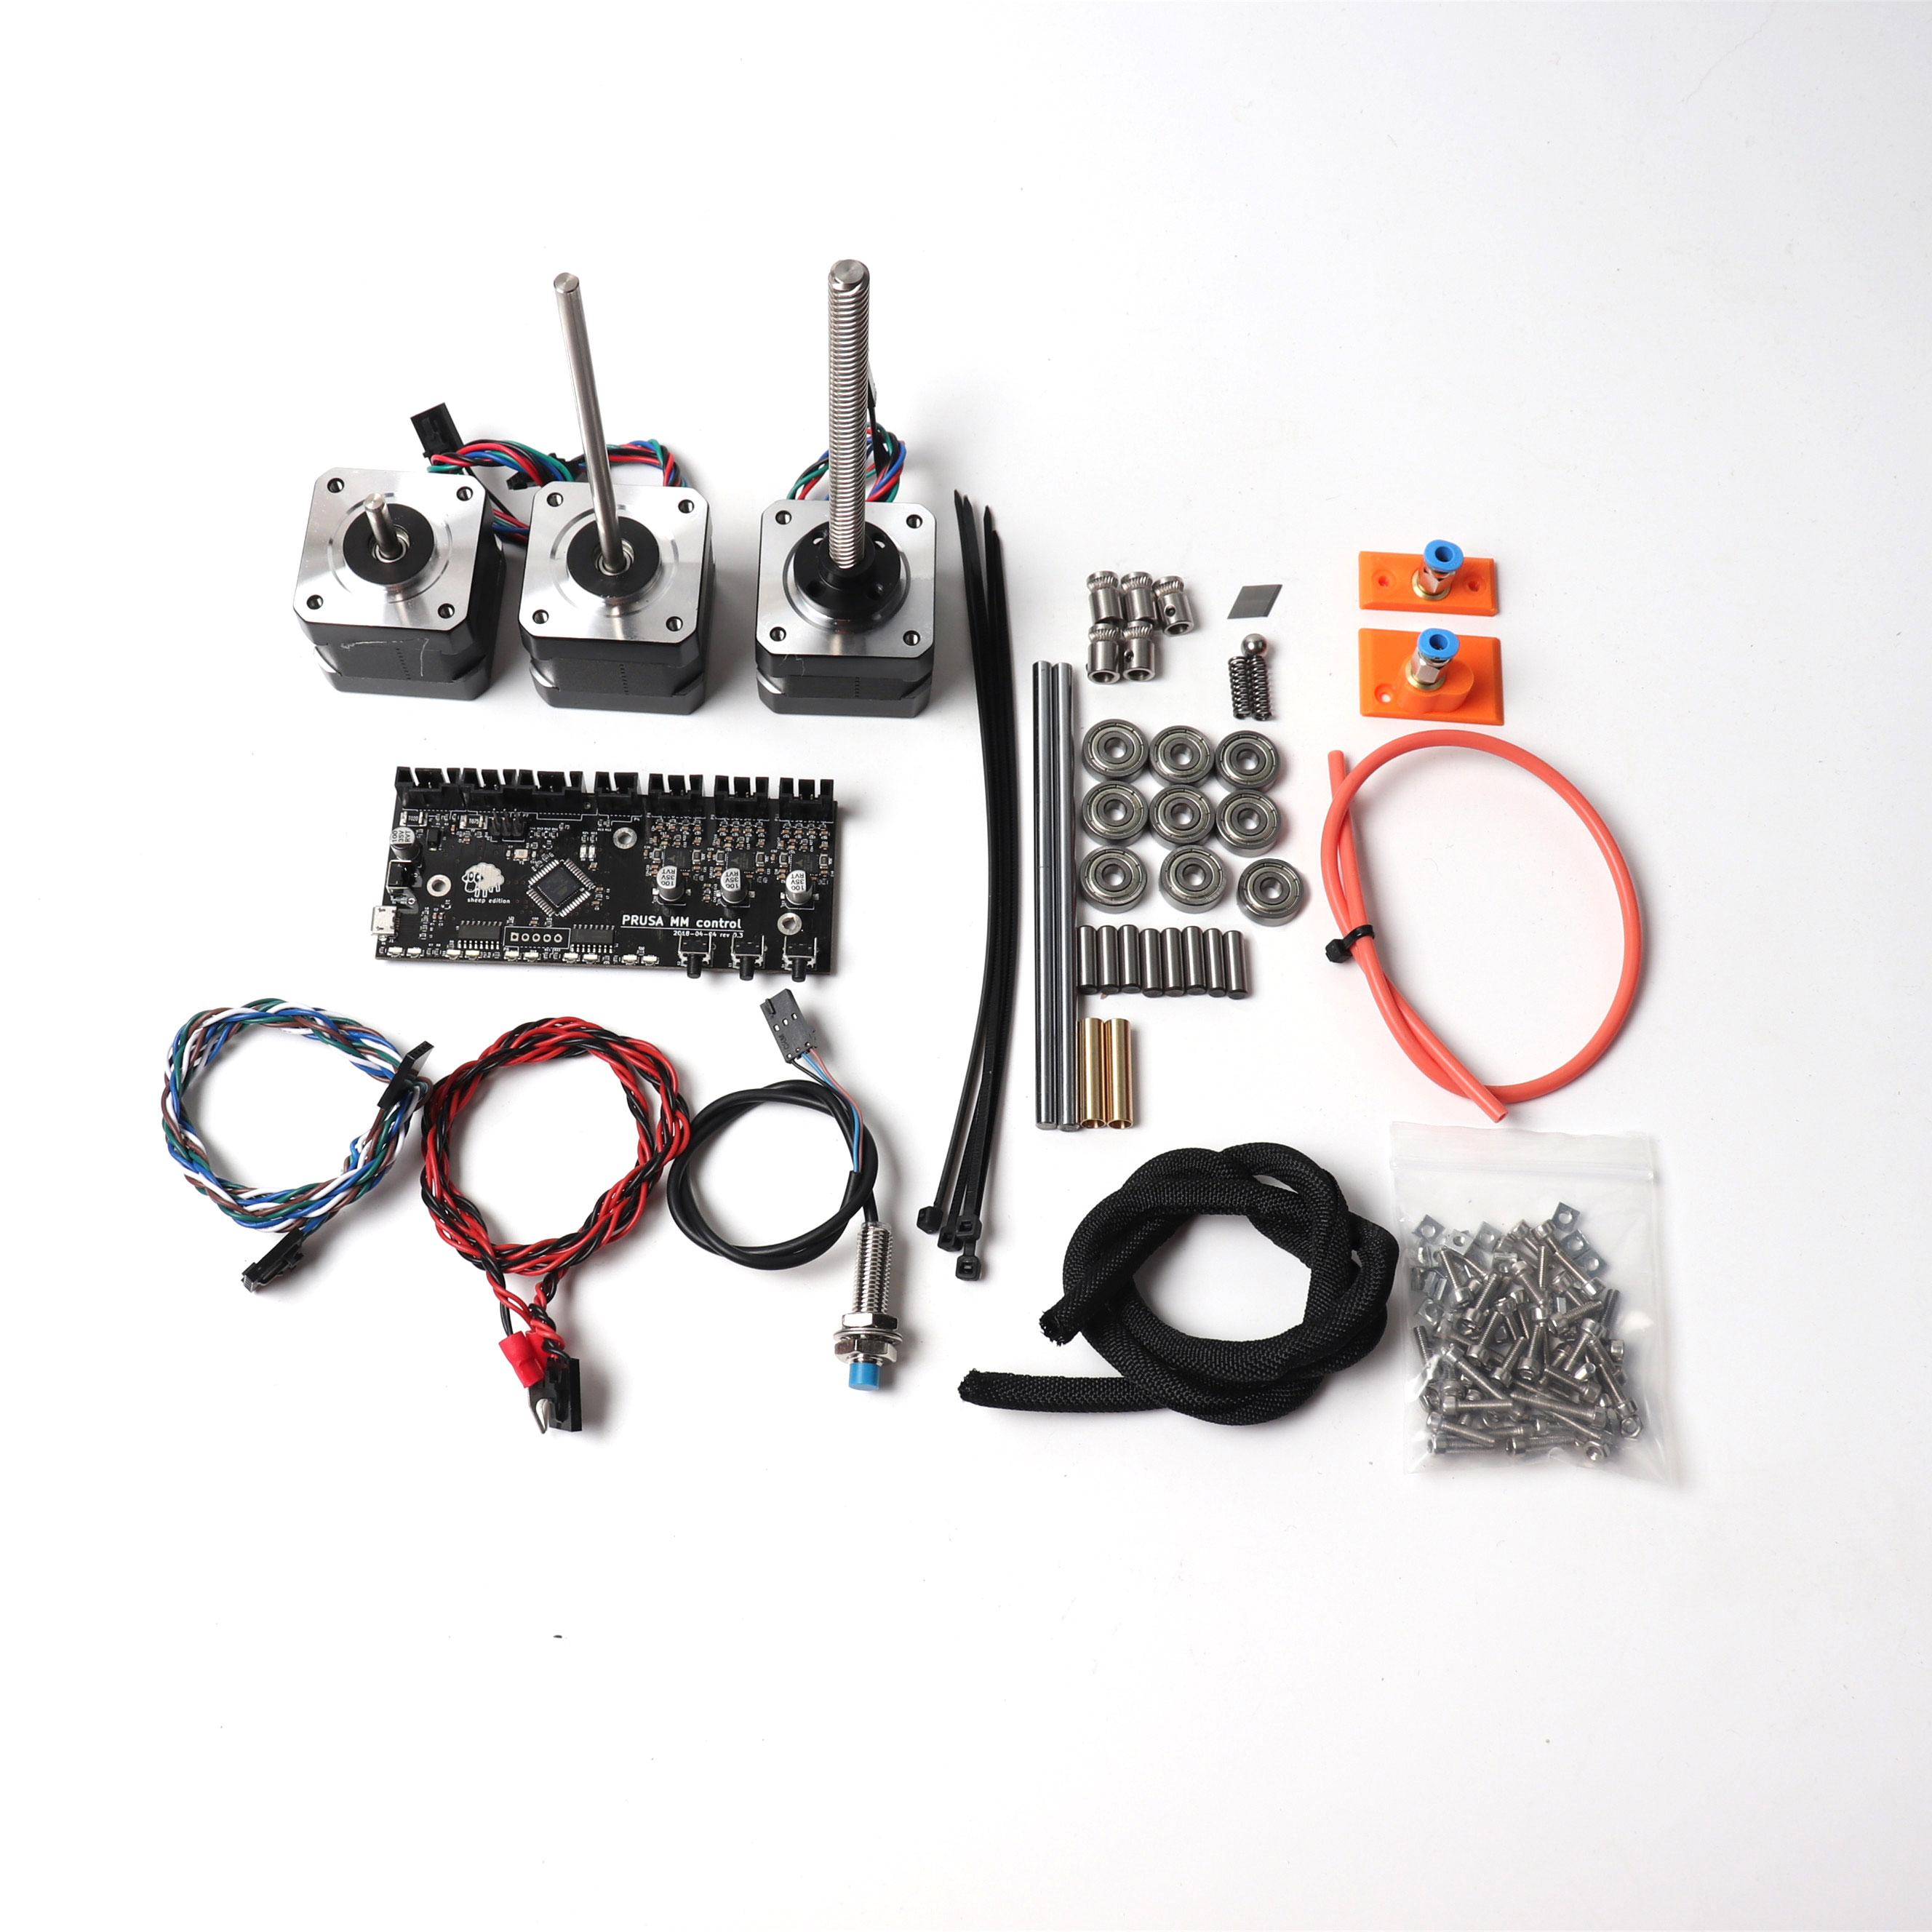 Prusa i3 MK2.5/MK3 MMU V2 kit Multi Matériel, tableau de contrôle, moteurs kit, FINDA sonde, câbles d'alimentation et le signal, lisse tiges